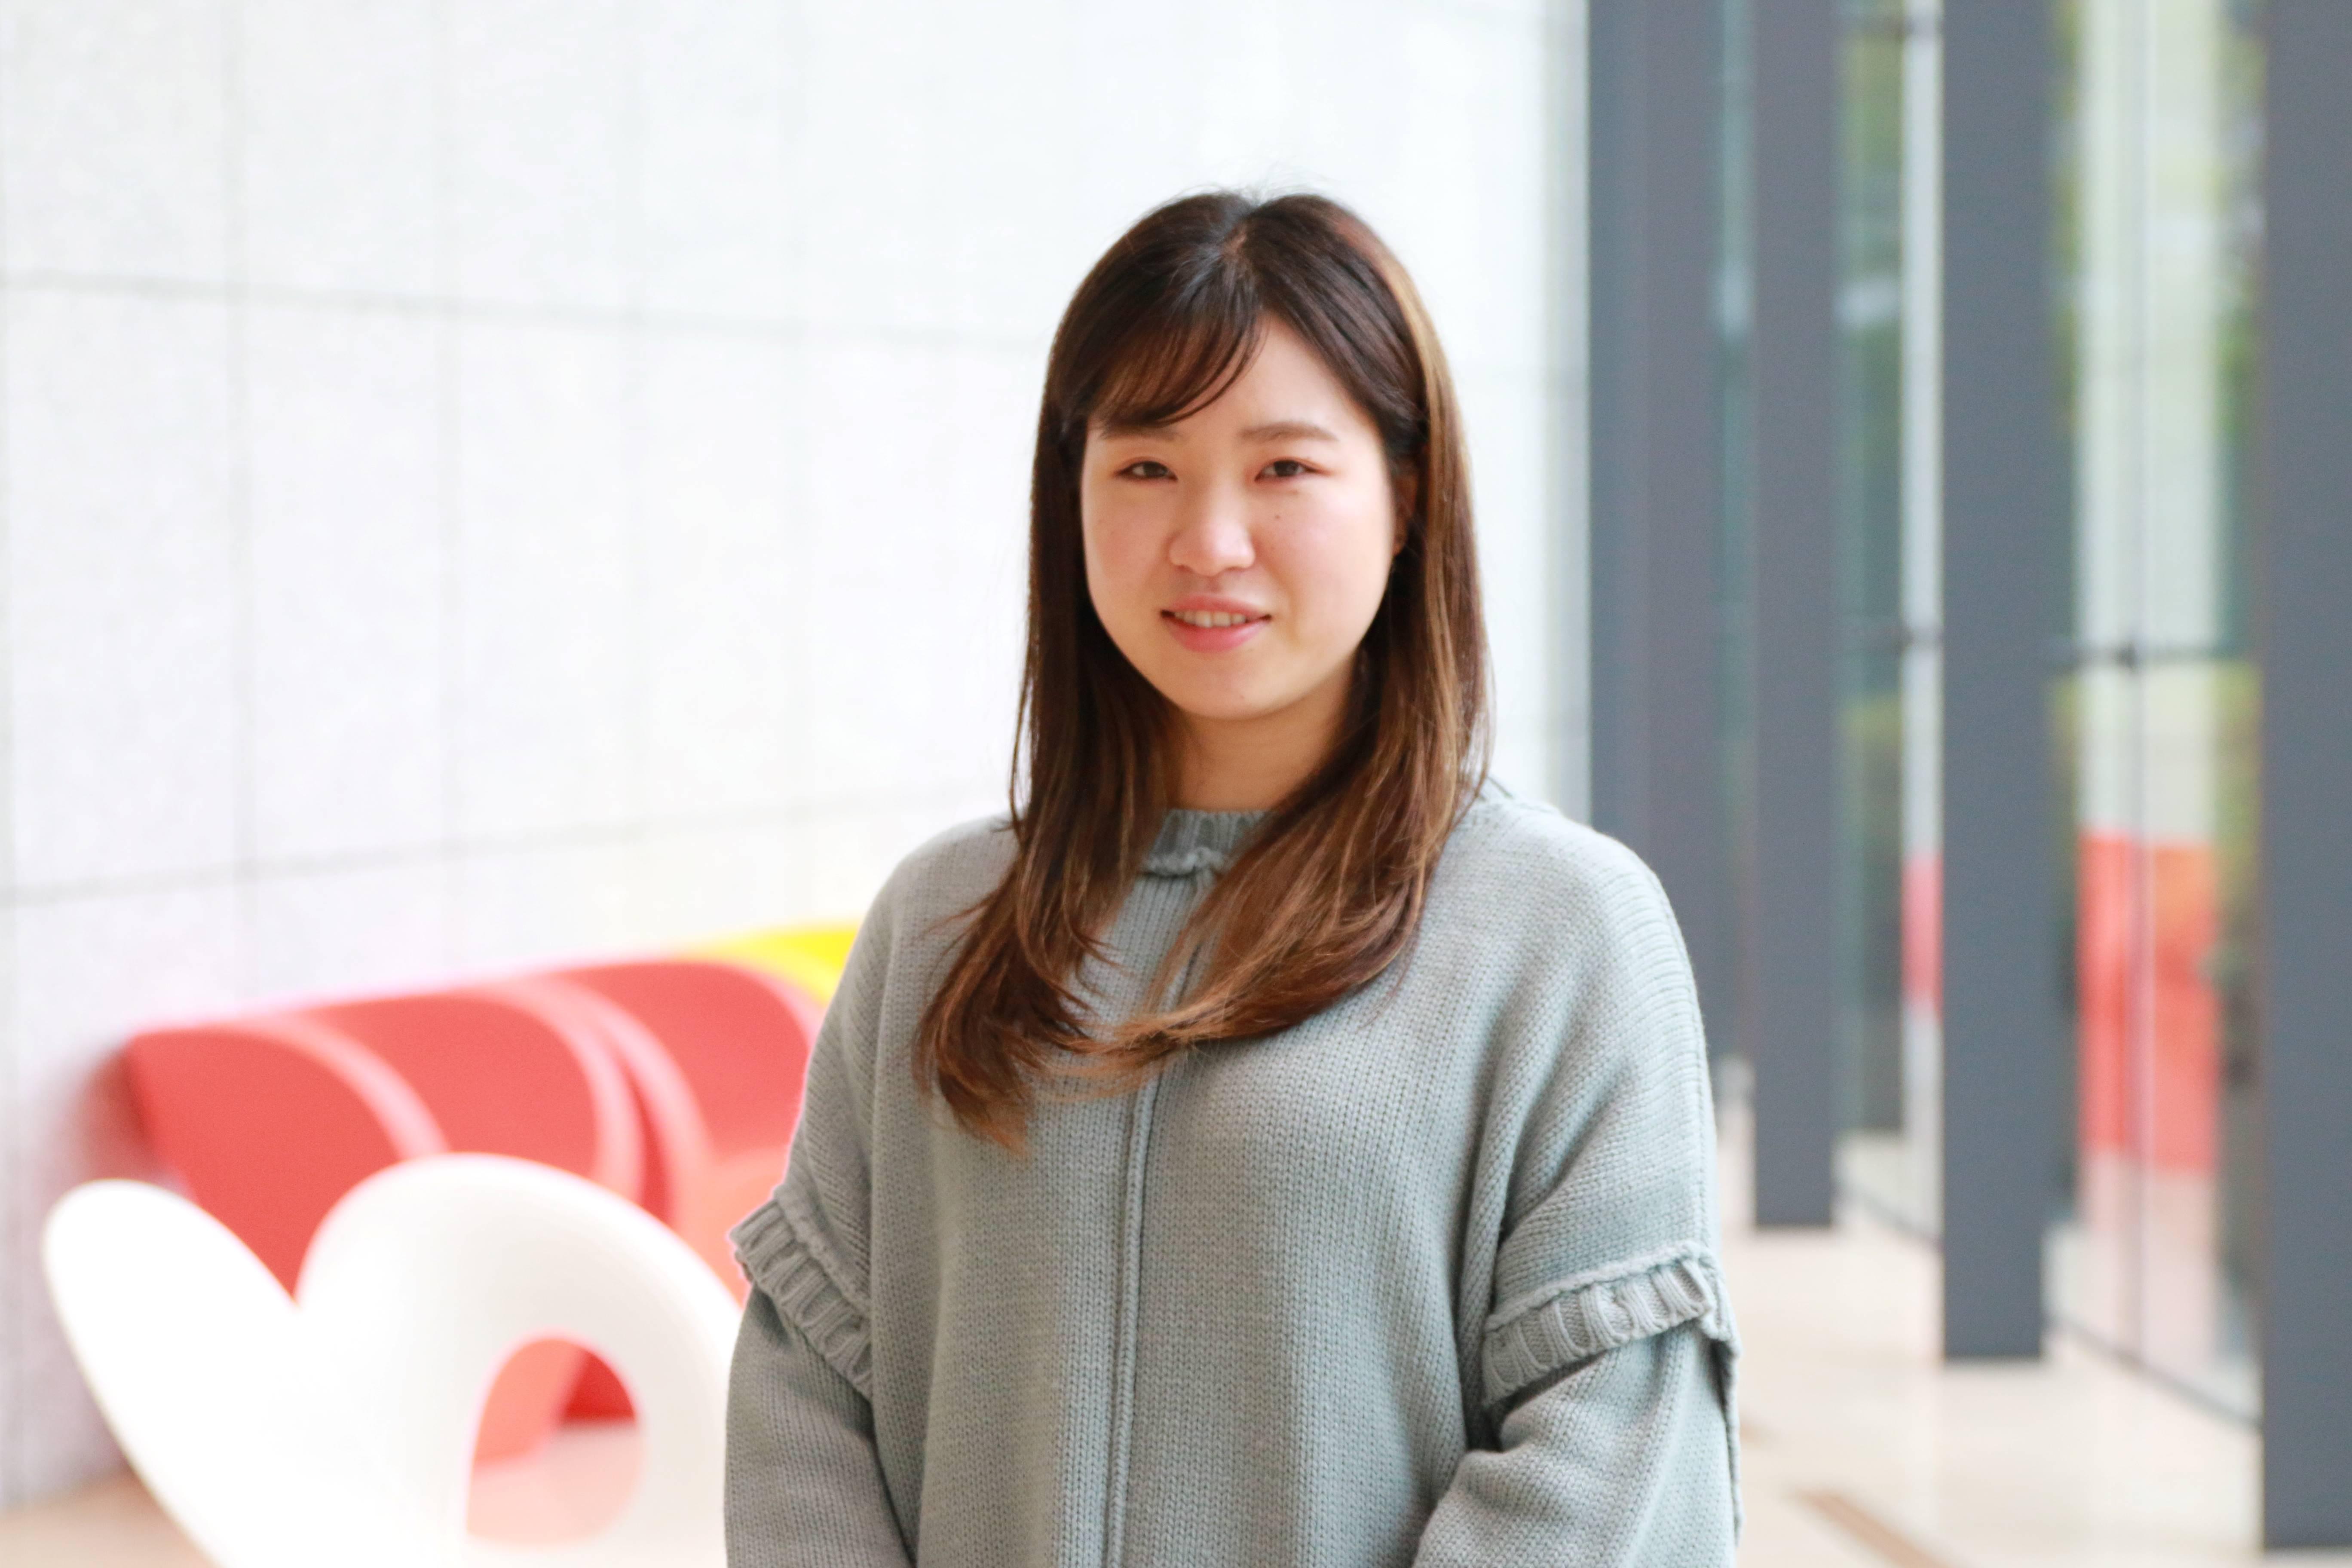 学生紹介(34)働きながら続けた大学生活。心理学を学んでタイの幼稚園で先生に!